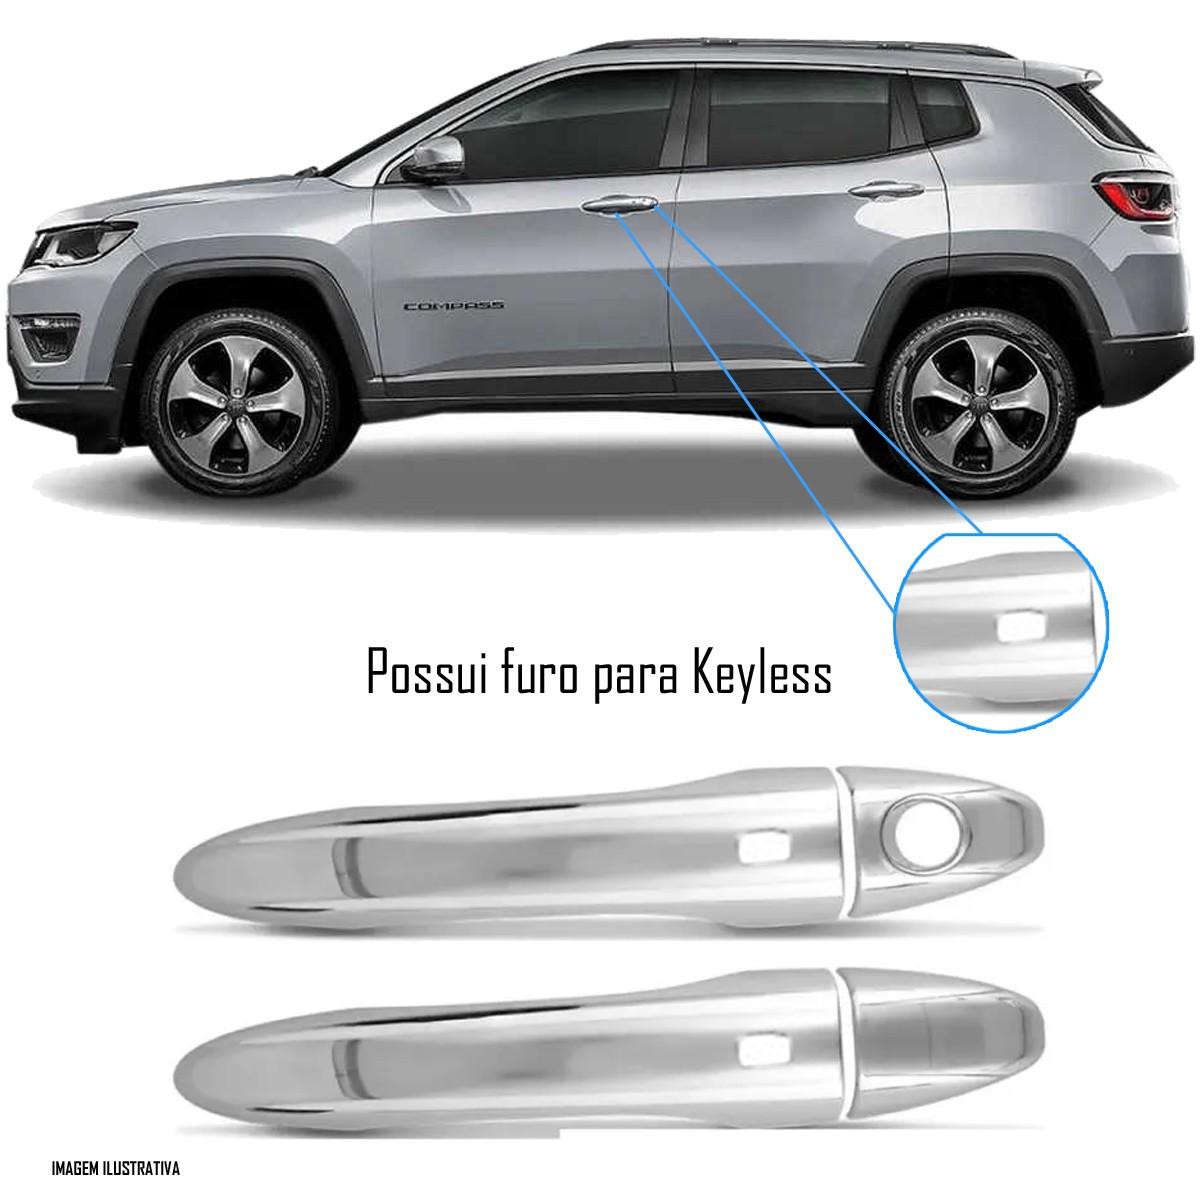 Aplique Maçaneta Cromado Com Furo Keyless Jeep Compass 4 Peças